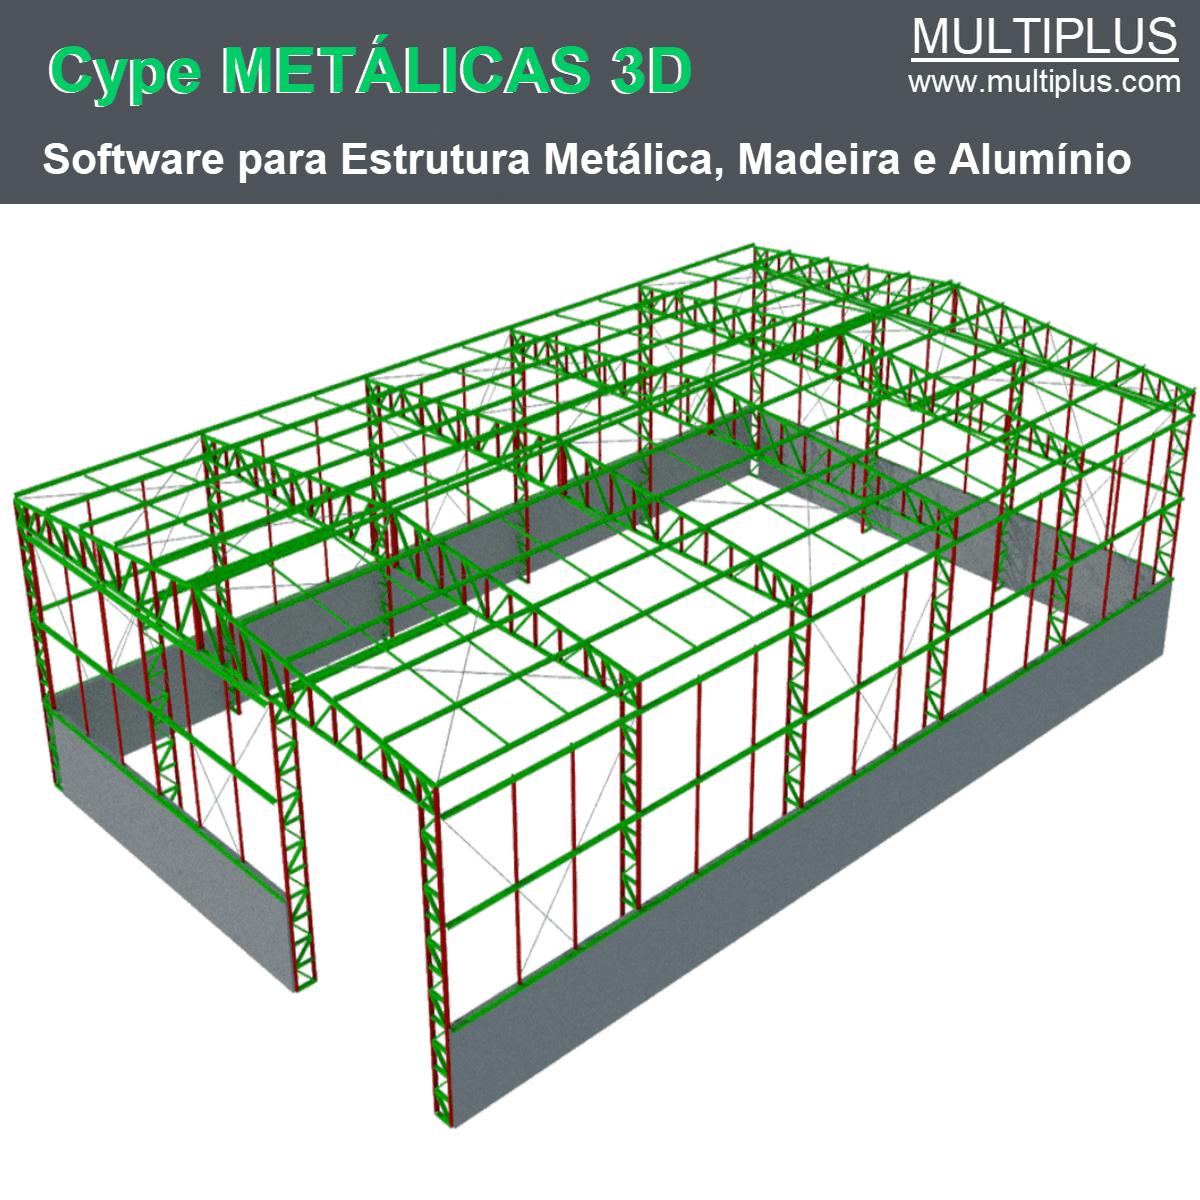 """Software Metálicas 3D MT39 versão 2021 (Licença Eletrônica) incluindo a modulação descrita em """"Itens Inclusos"""" a seguir  - MULTIPLUS SOFTWARES"""